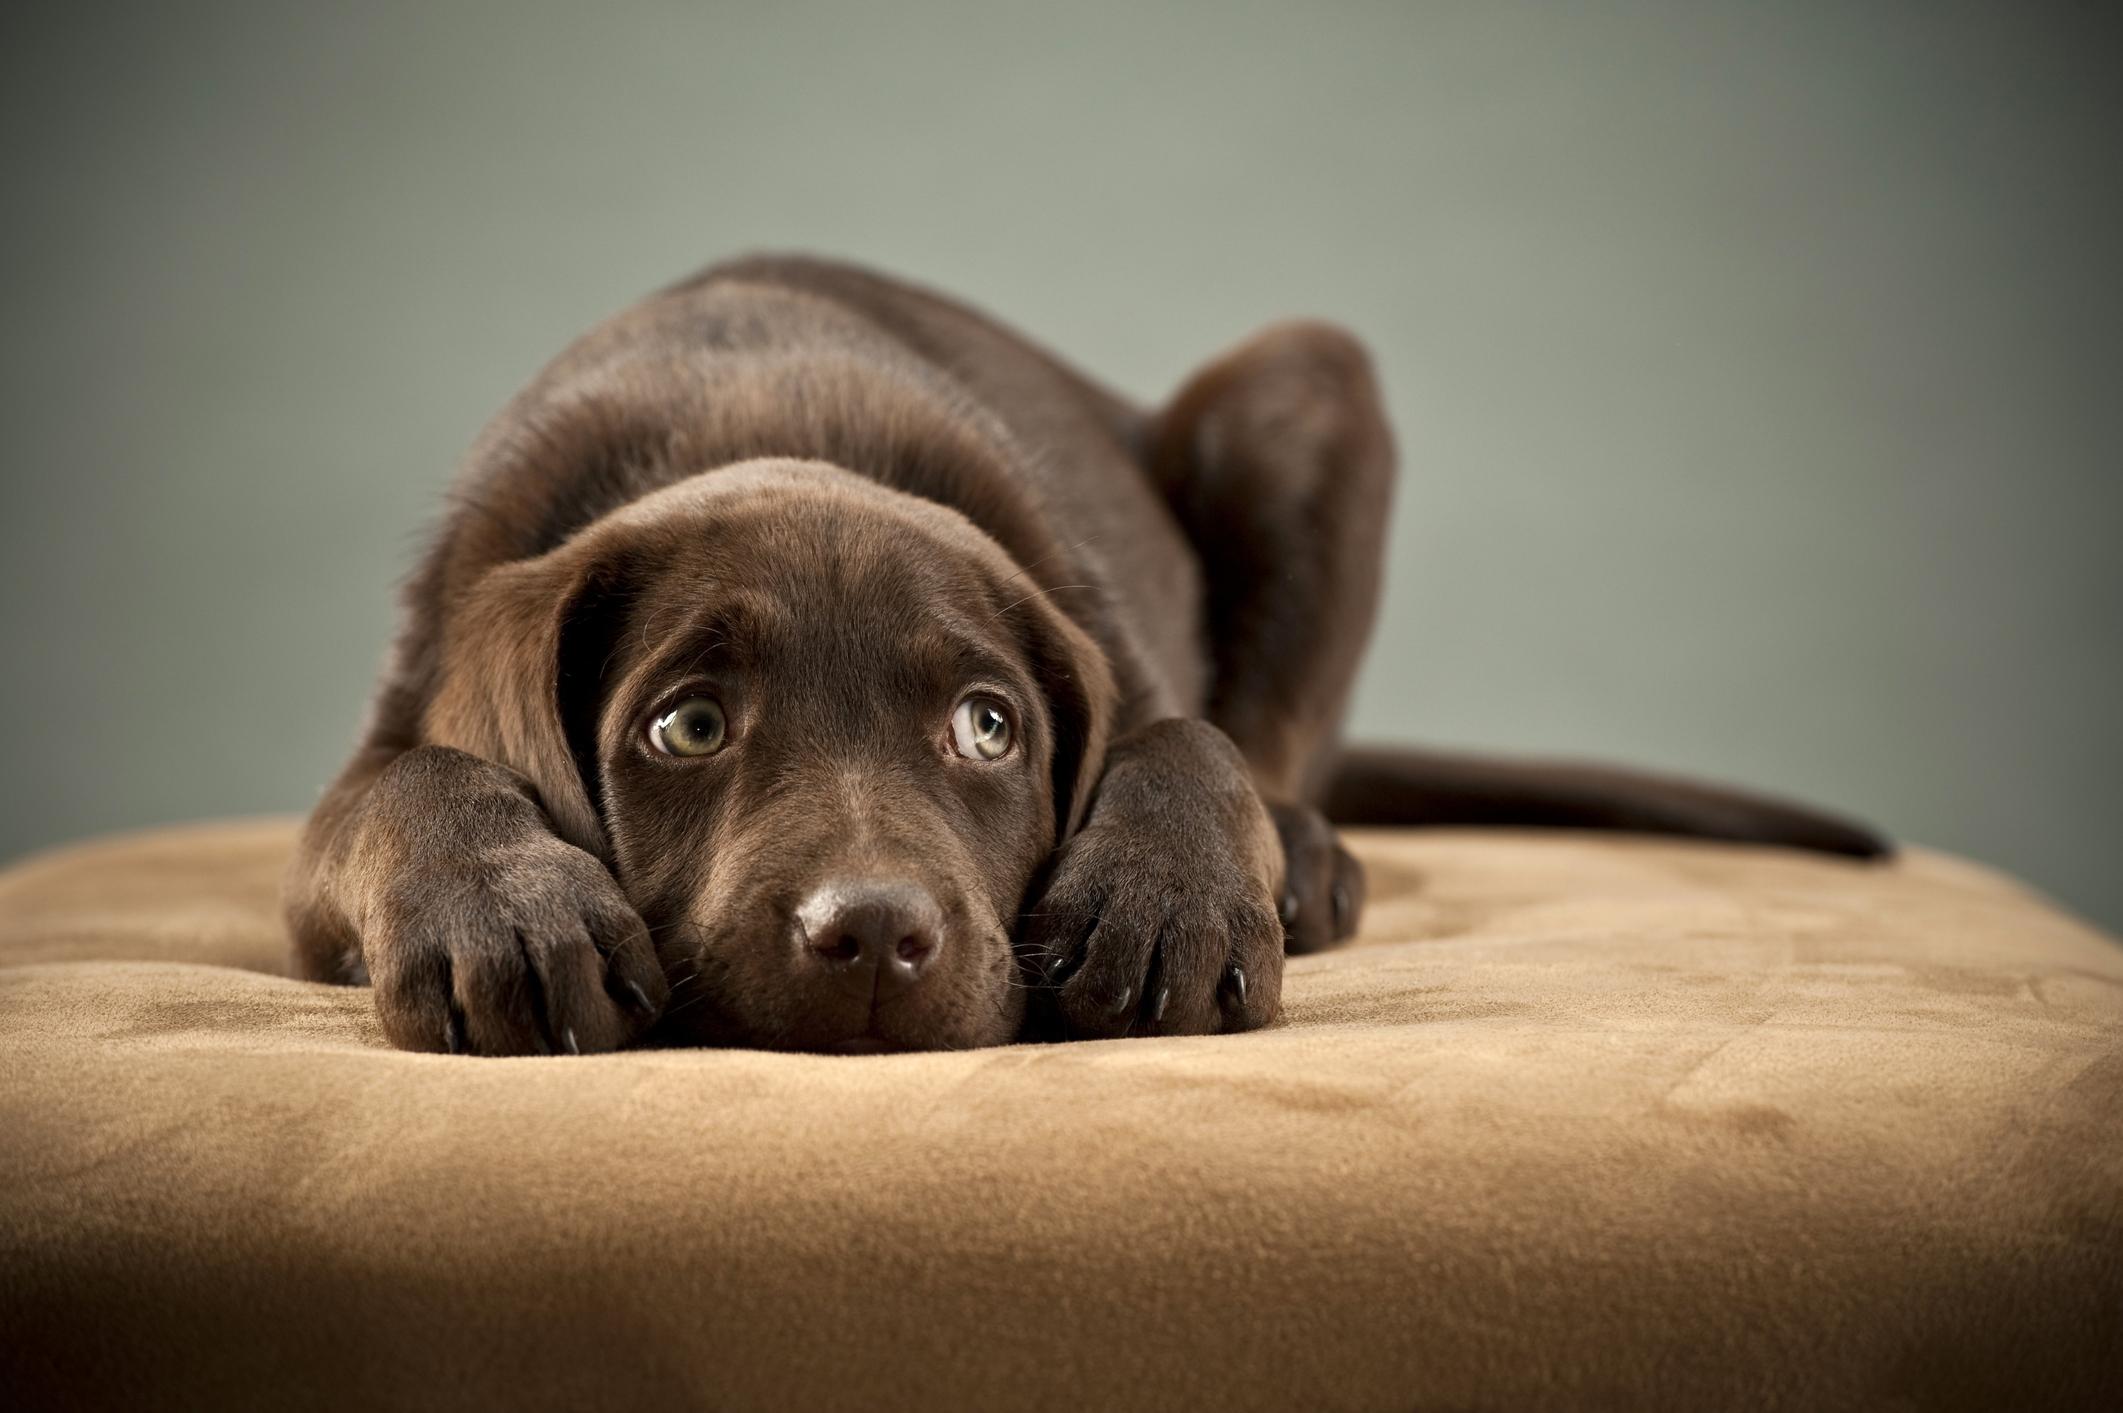 Tieraufstellung/Tierkommunikation Hund auf Kissen